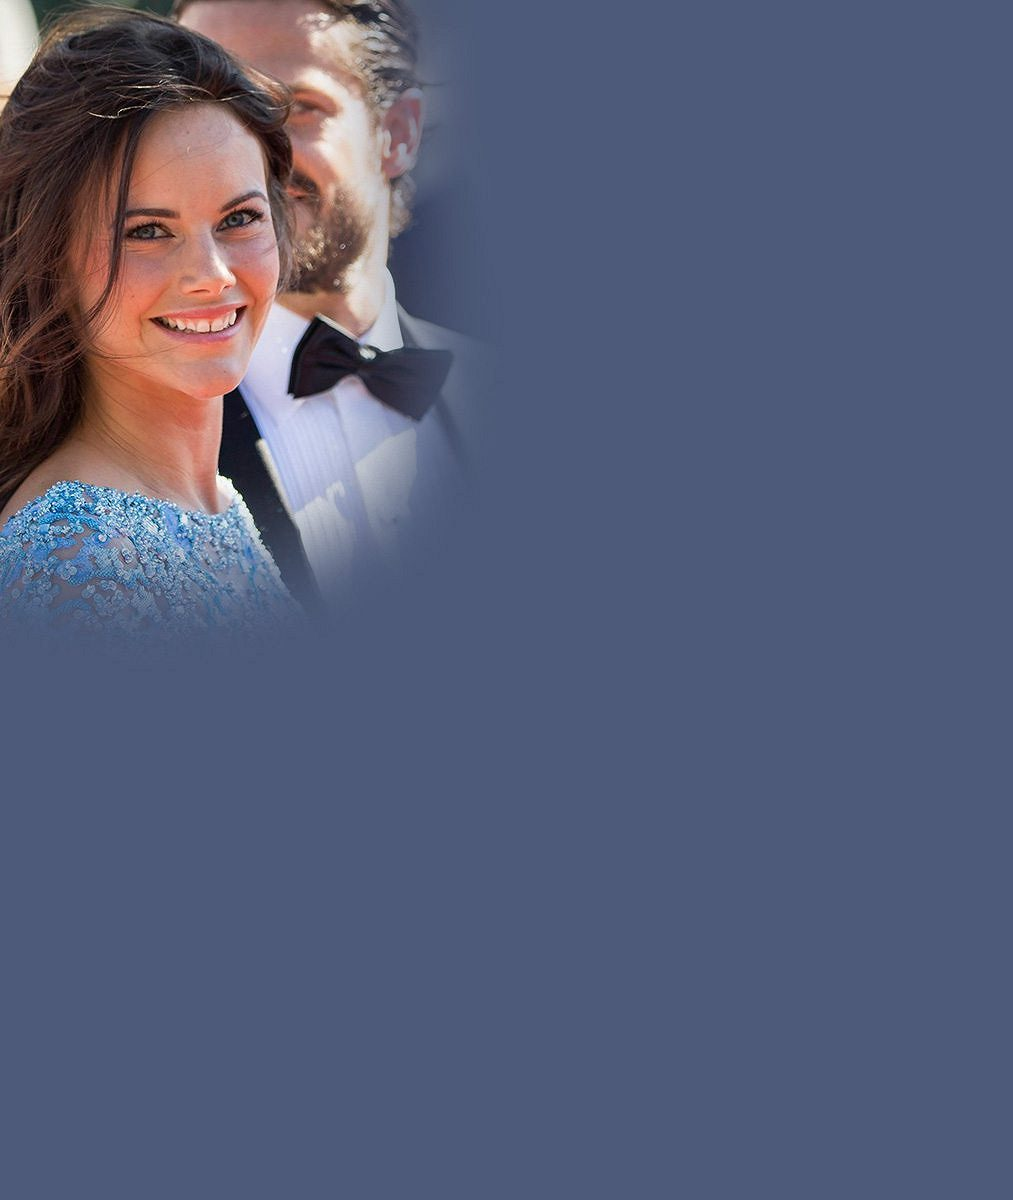 Nová švédská princezna je prý ještě krásnější než Kate. Souhlasíte?